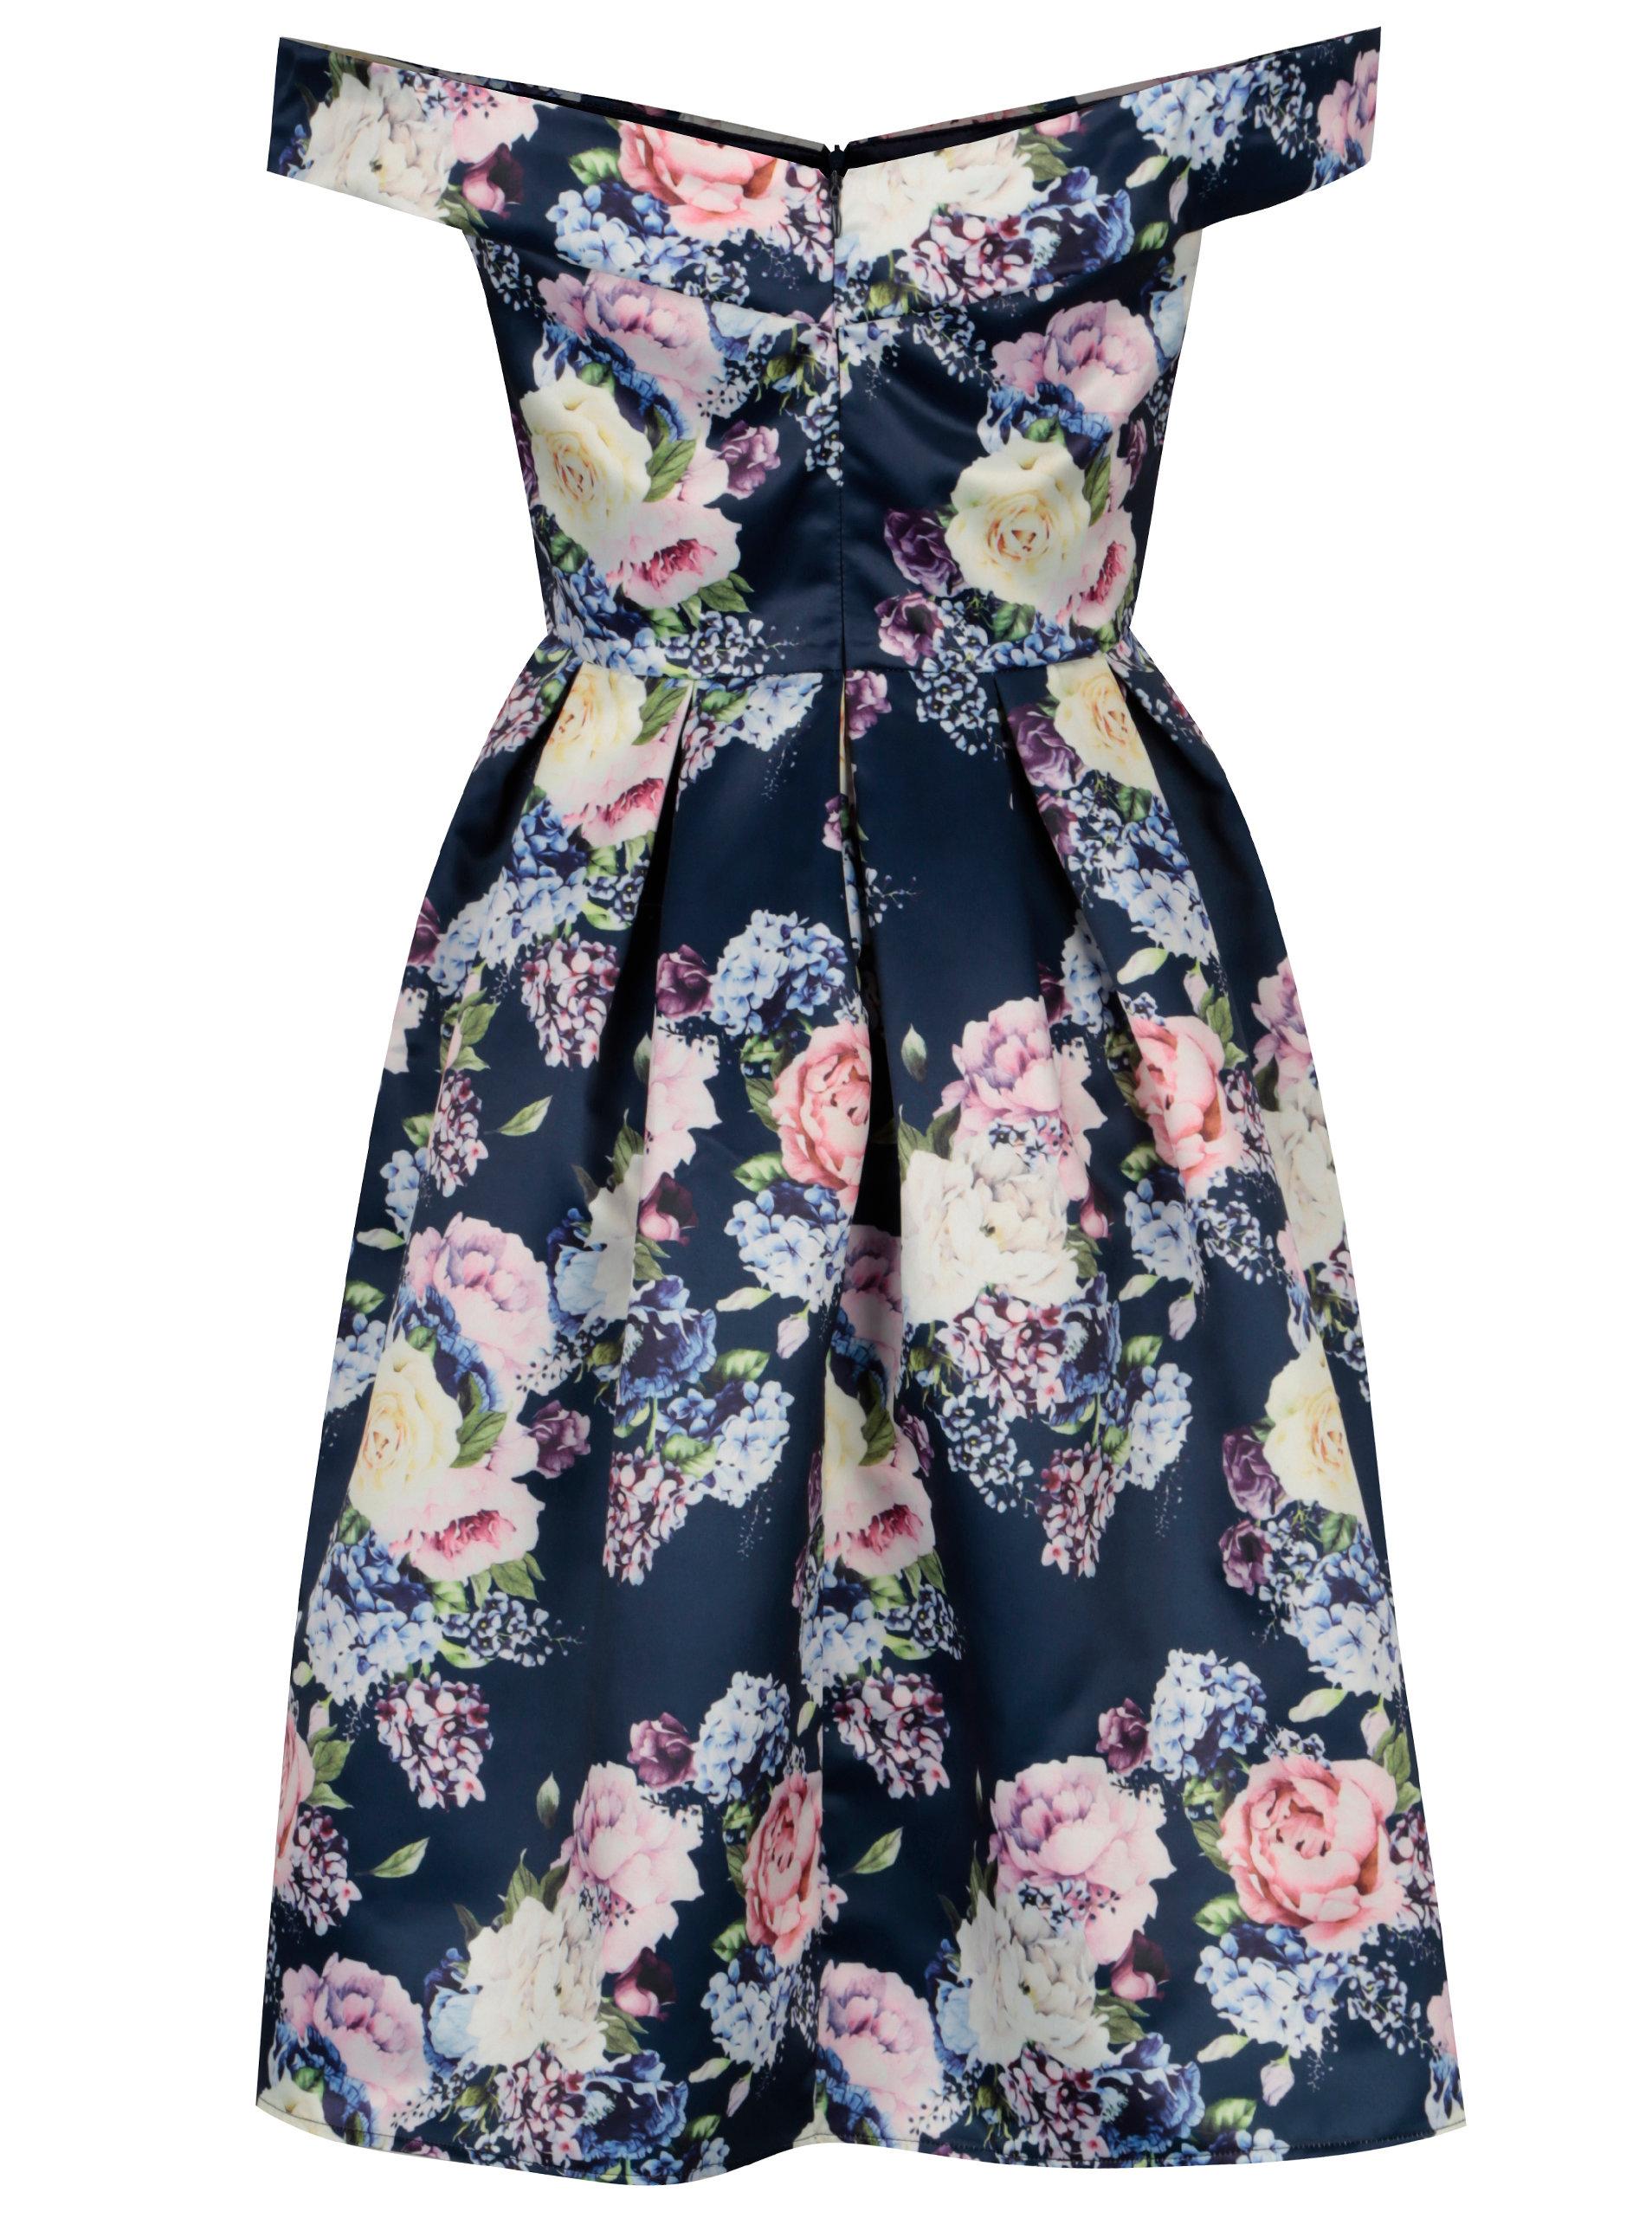 Tmavomodré kvetované šaty s odhalenými ramenami Mela London ... 7b02623f23b